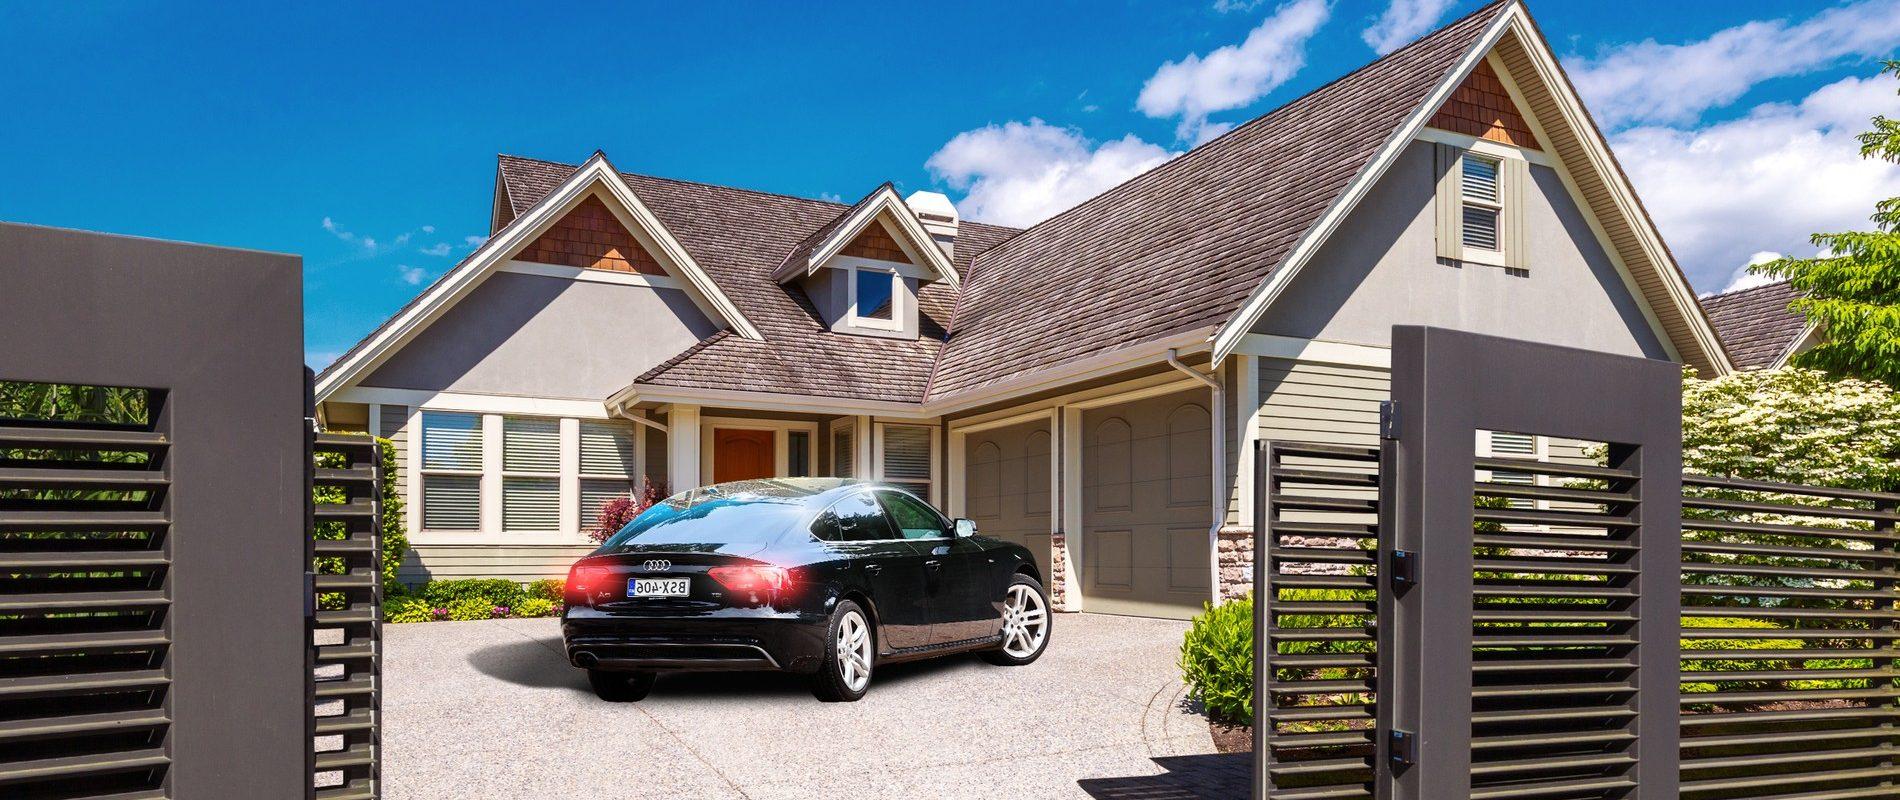 Permalink to: Lakás / ház tulajdonosoknak, akik…